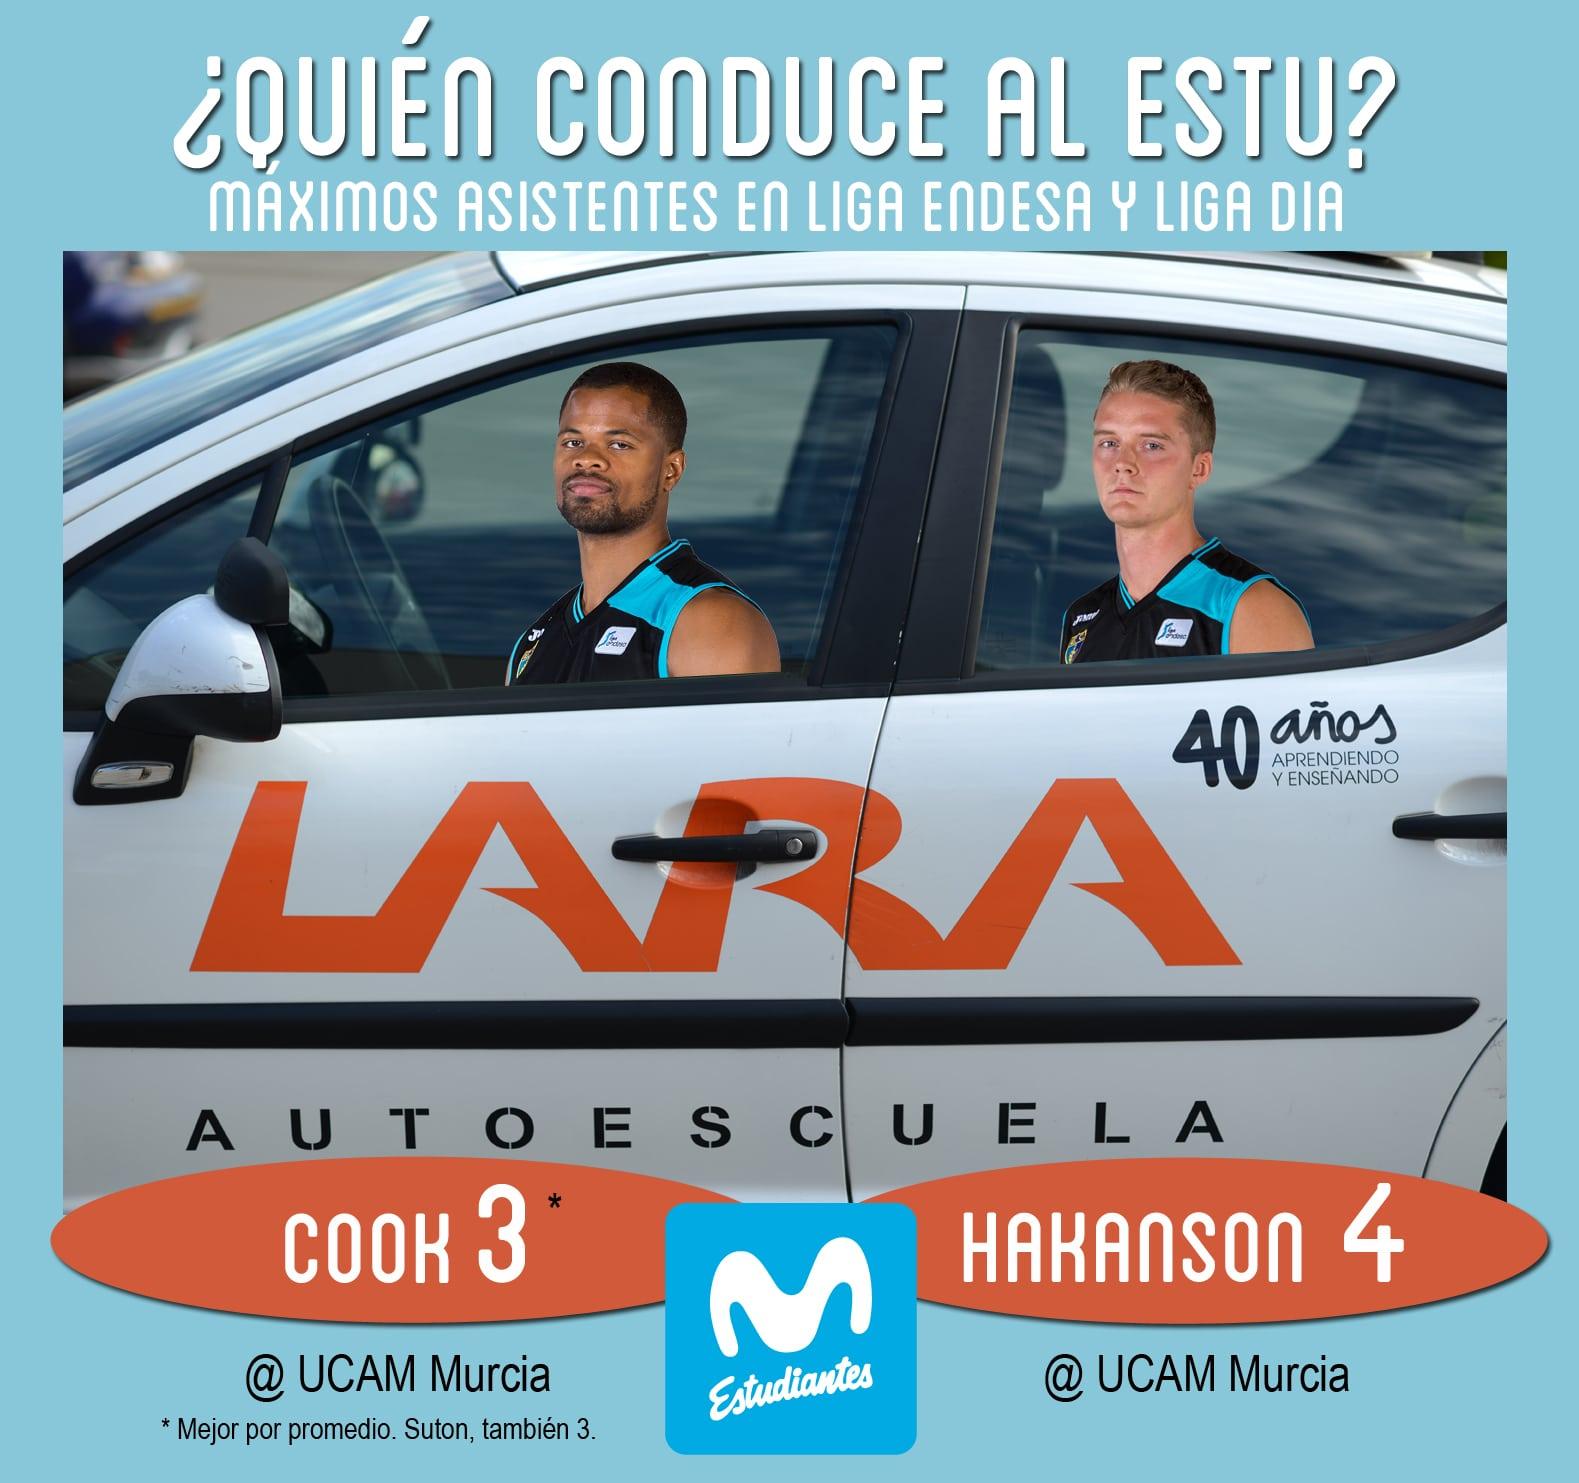 Hakanson y Cook, últimos Conductores Autoescuela Lara de la temporada